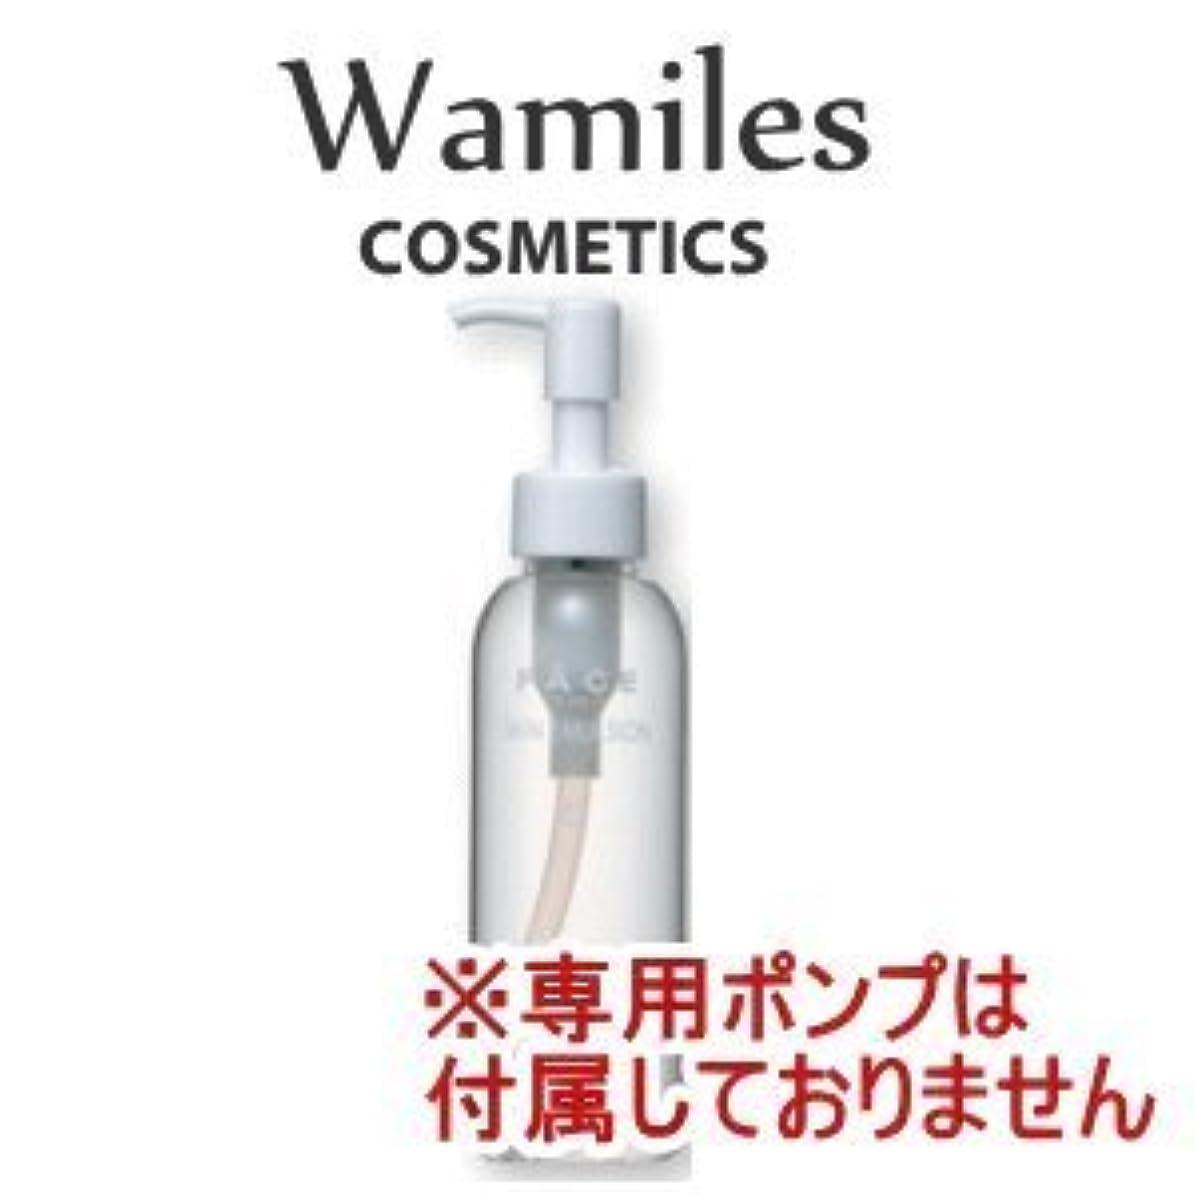 麻痺させるアクセサリーフィールドwamiles/ワミレス フェイス スキンエマルジョン 150ml